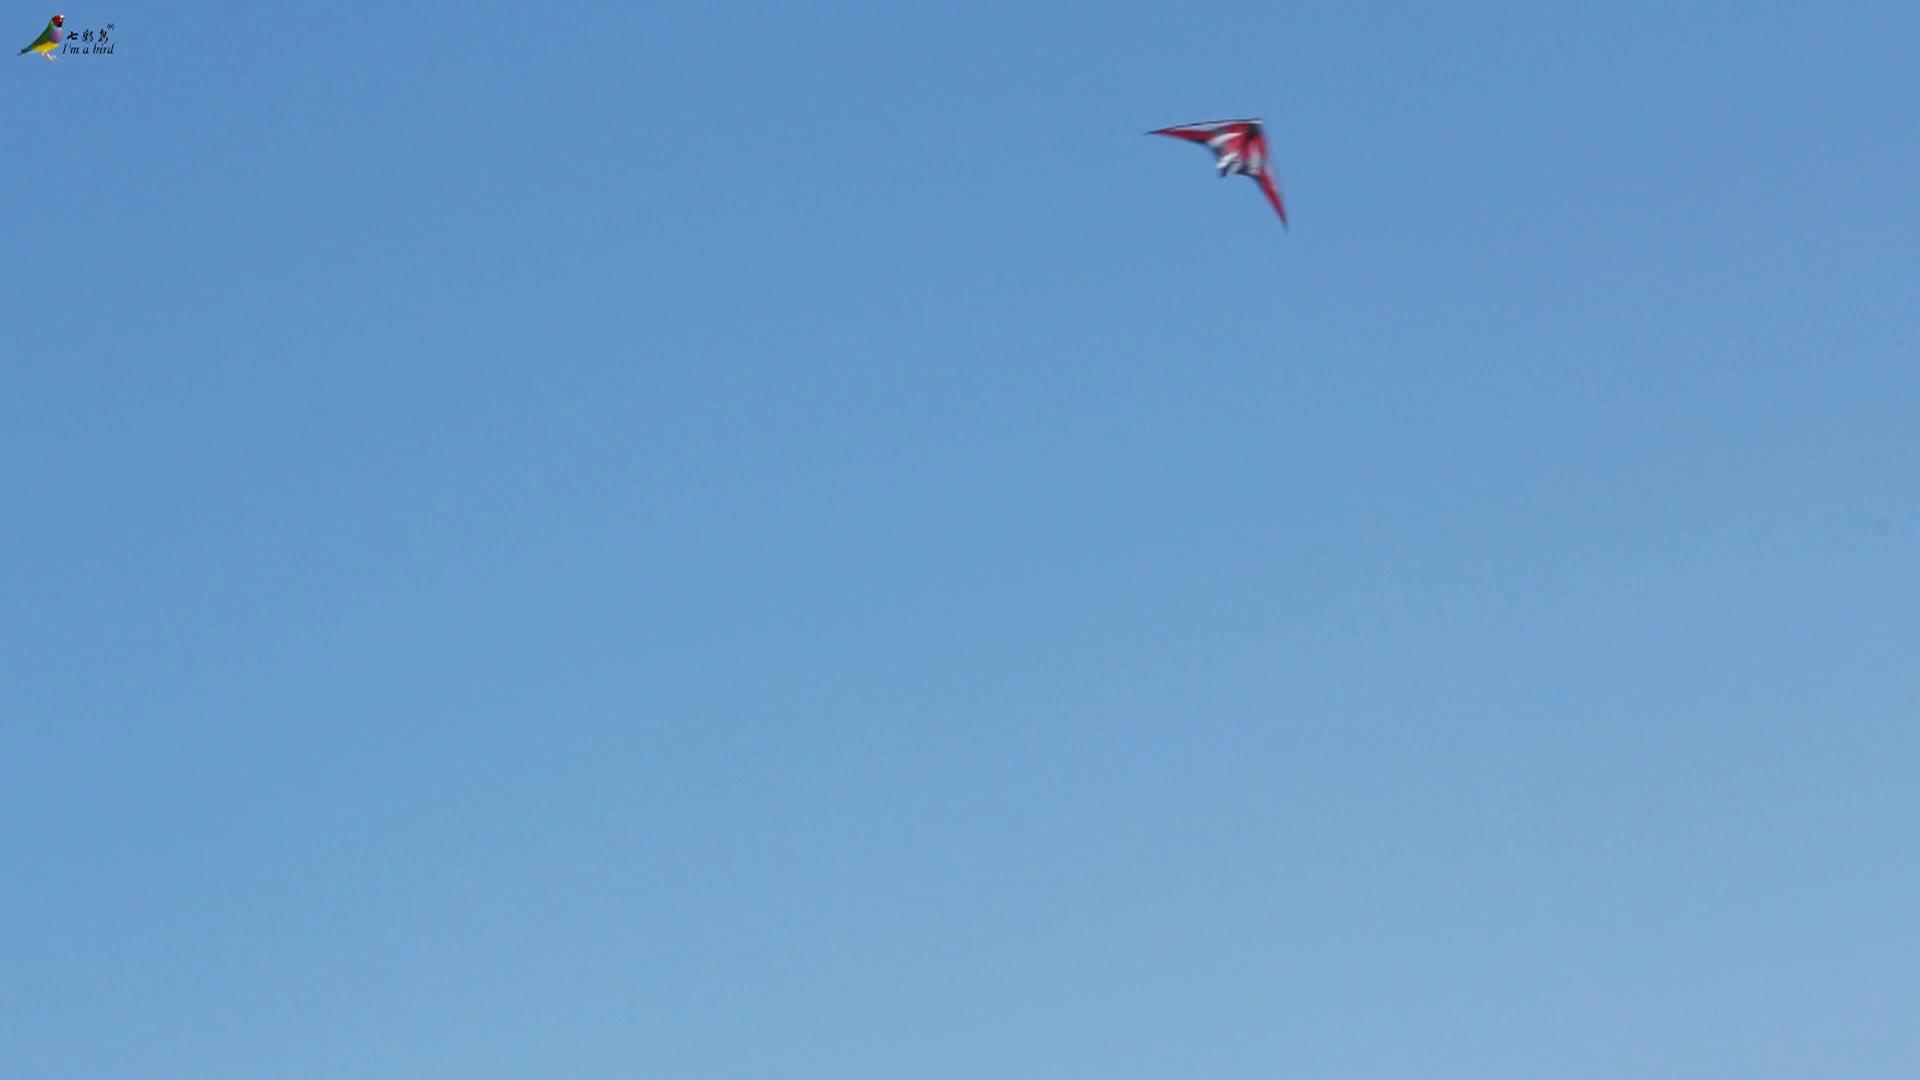 Dual line stunt kite